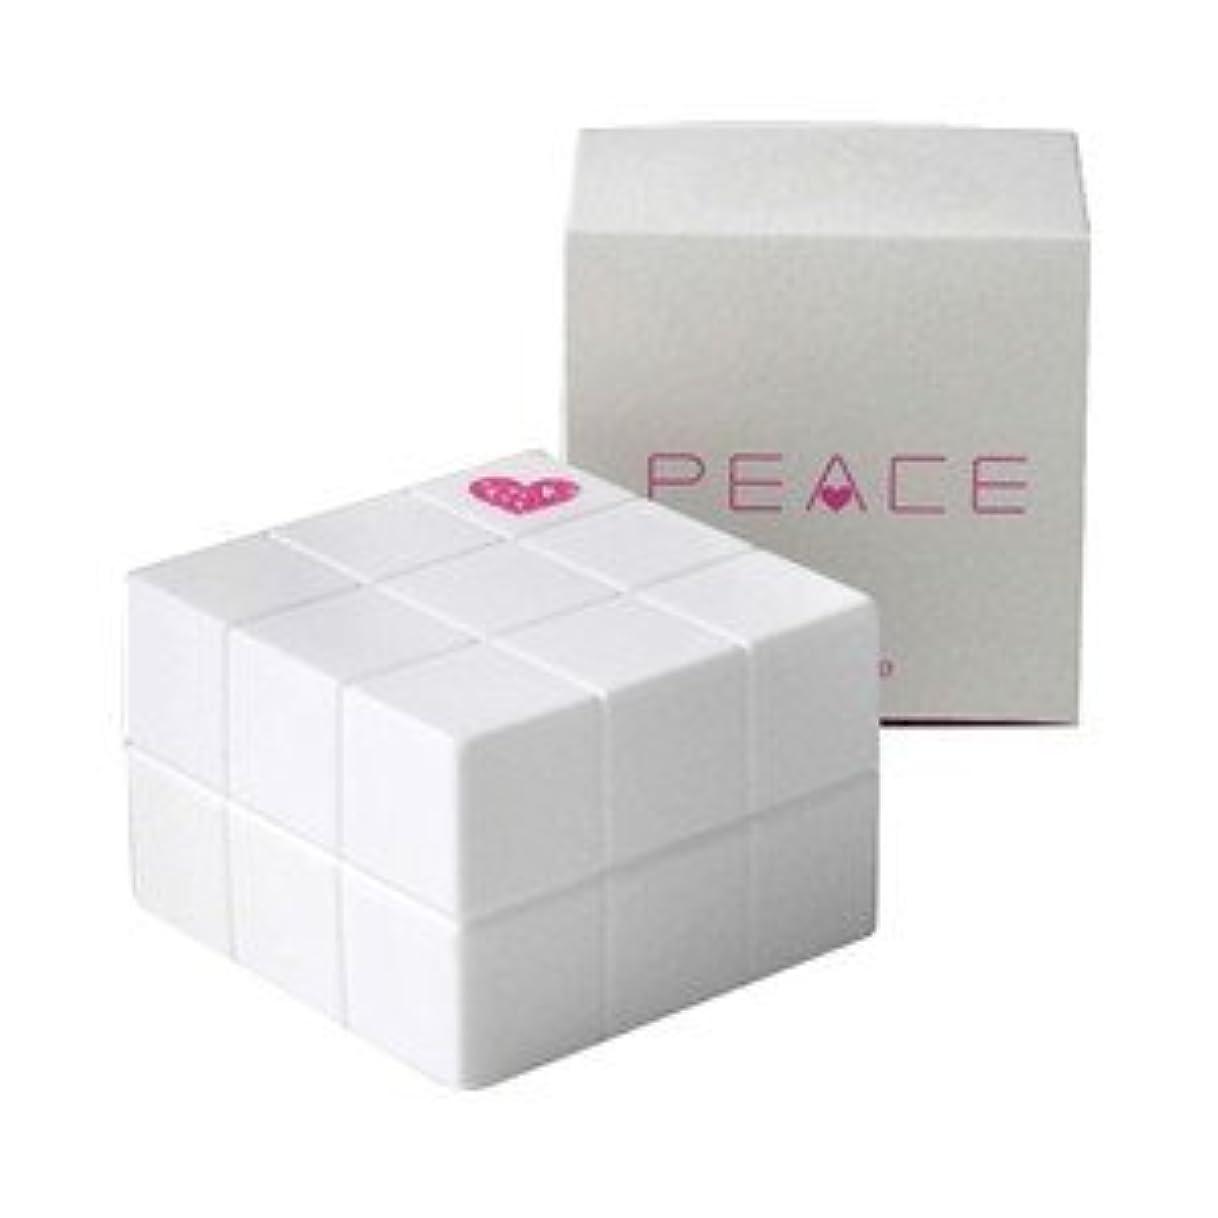 機知に富んだ陰謀辞書アリミノ ピース プロデザイン グロスワックス40g ×2個 セット arimino PEACE